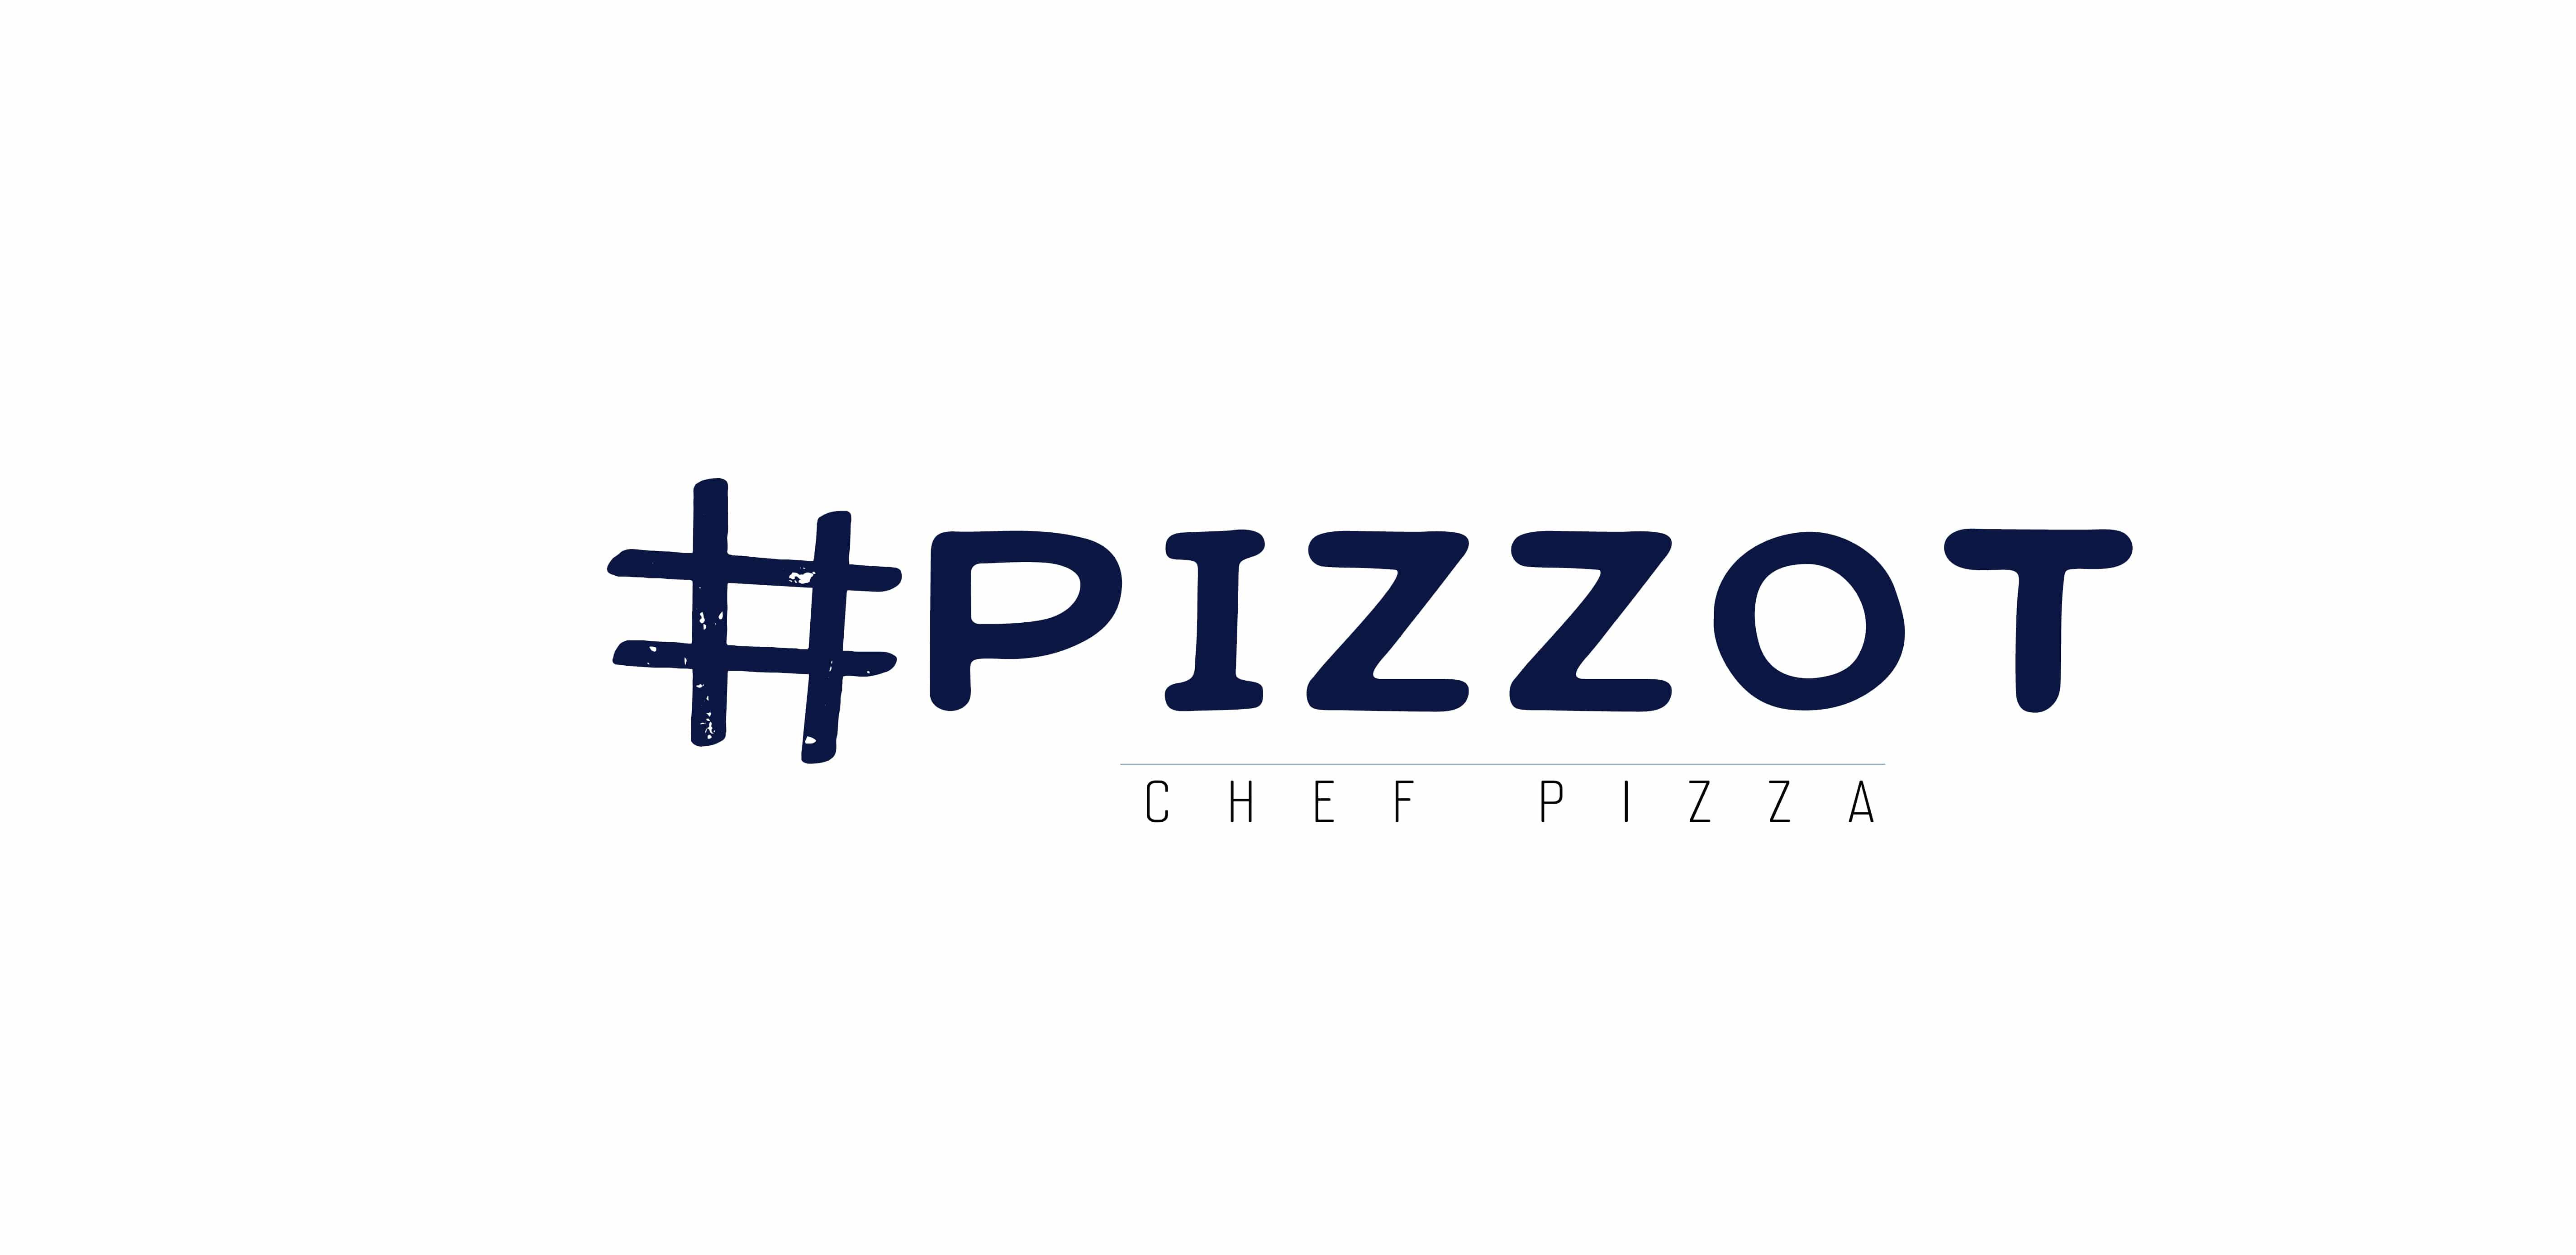 עיצוב לוגו לפיצריה